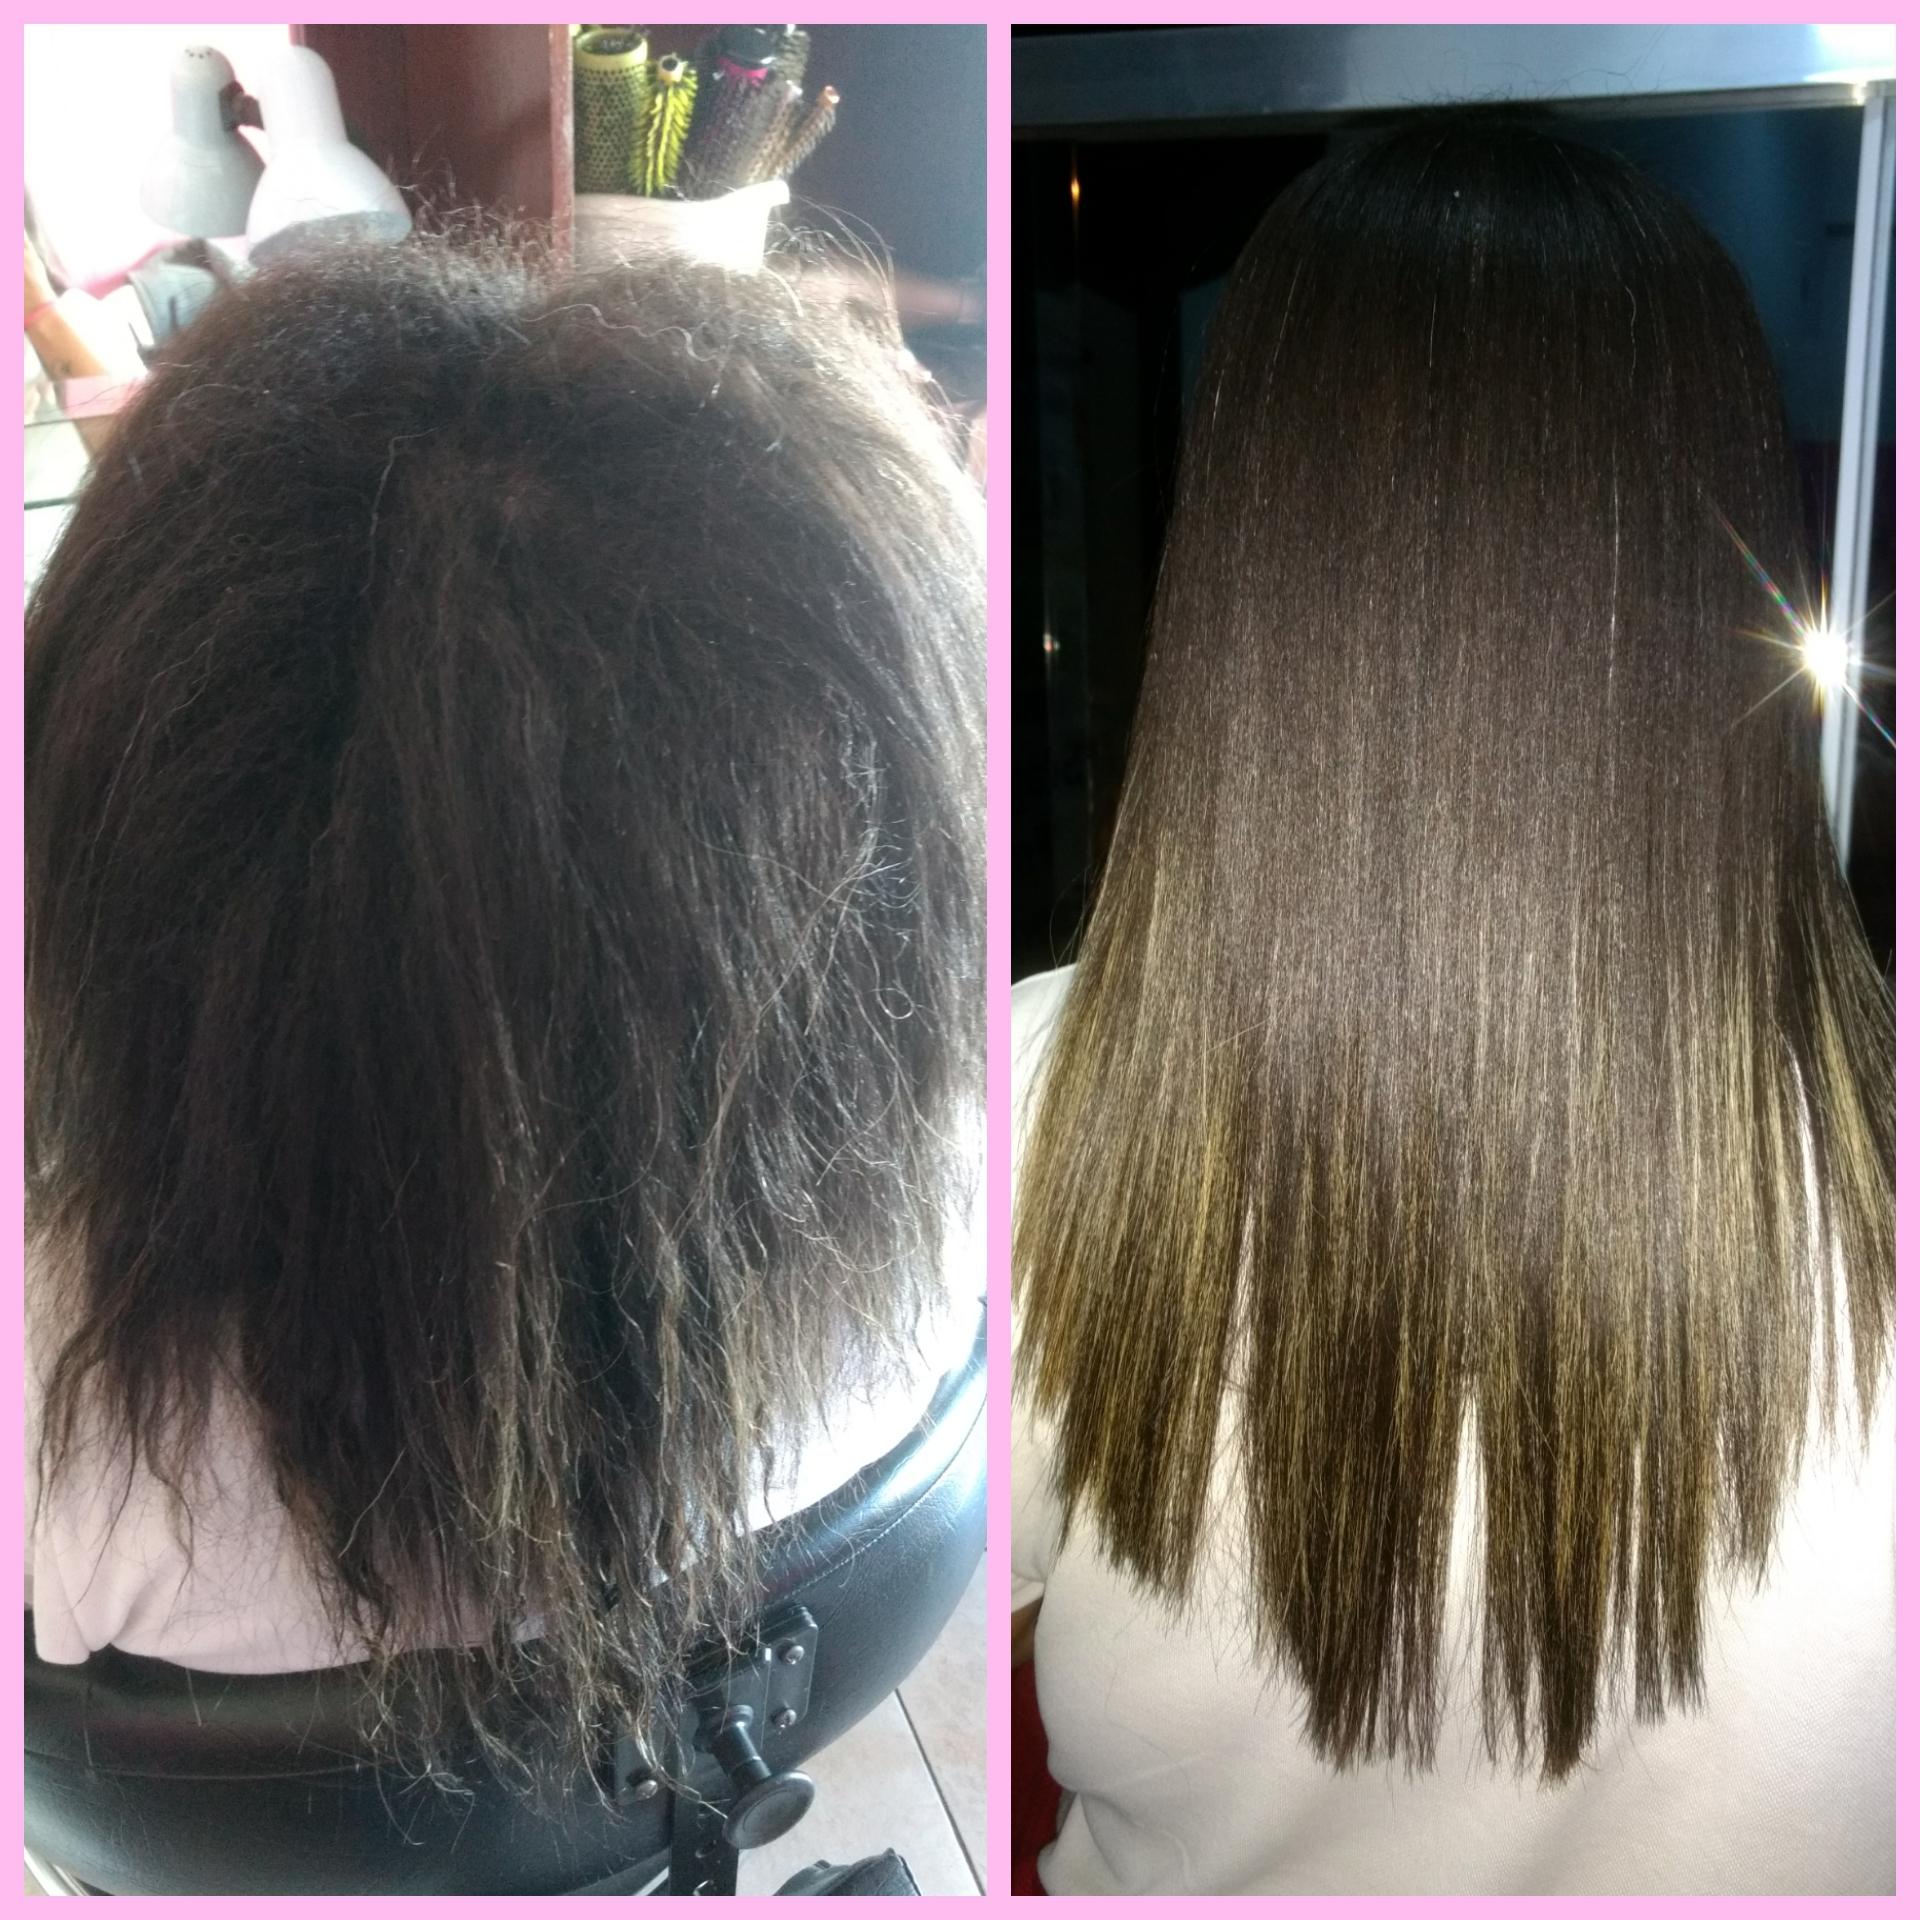 Trabalho realizado , progressiva. cabelo auxiliar cabeleireiro(a) estudante (esteticista)